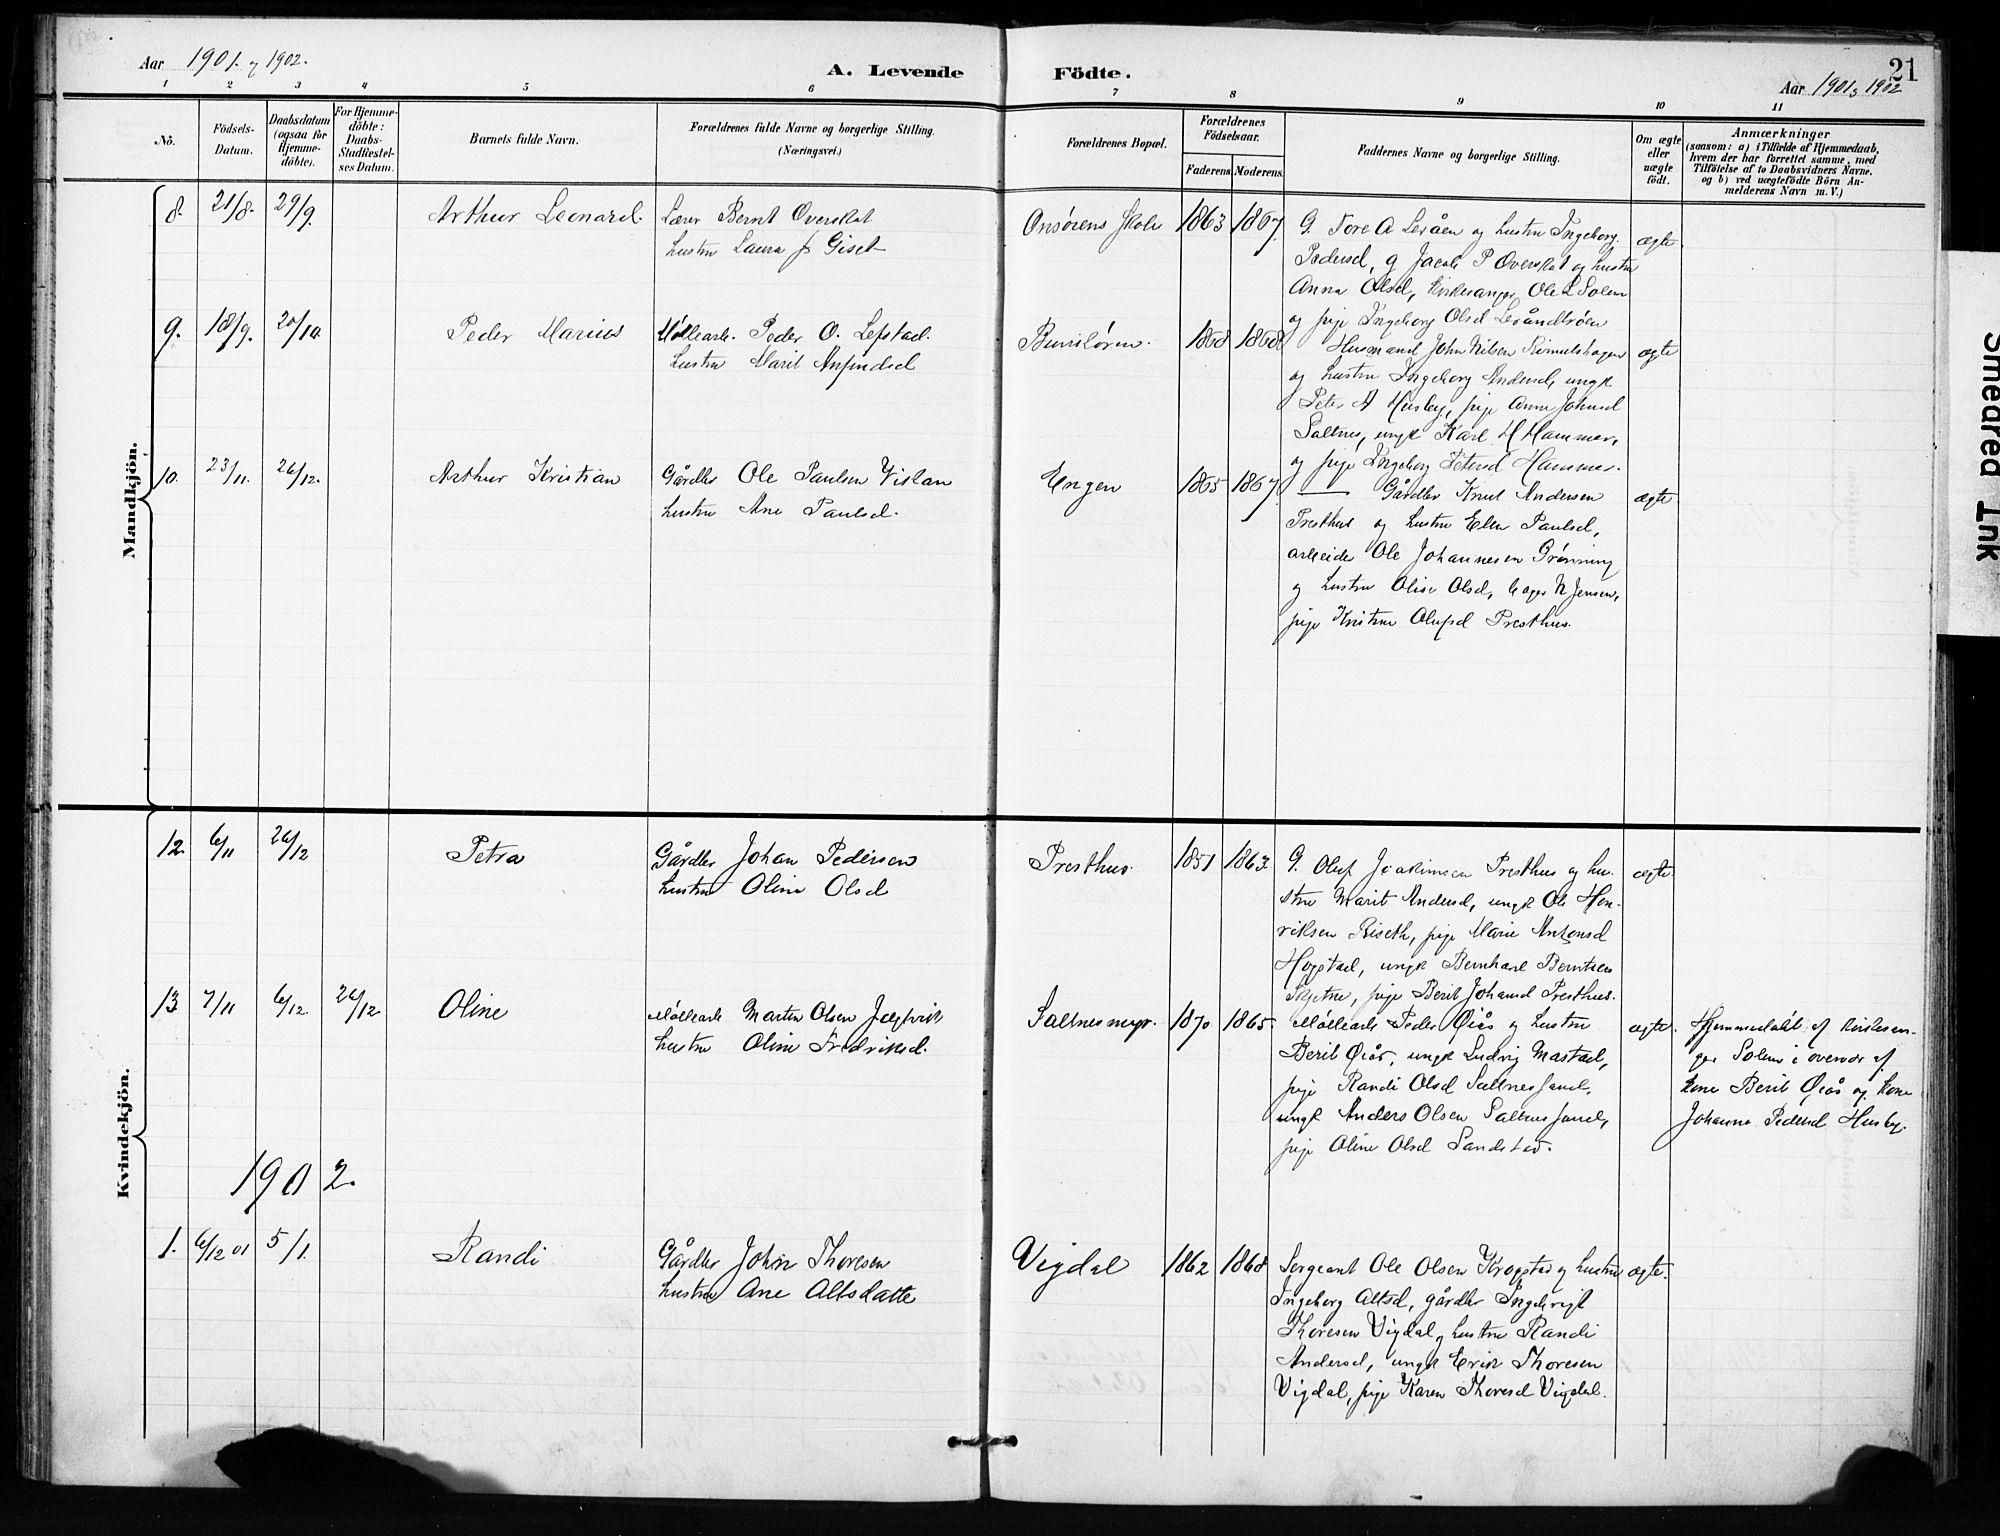 SAT, Ministerialprotokoller, klokkerbøker og fødselsregistre - Sør-Trøndelag, 666/L0787: Ministerialbok nr. 666A05, 1895-1908, s. 21